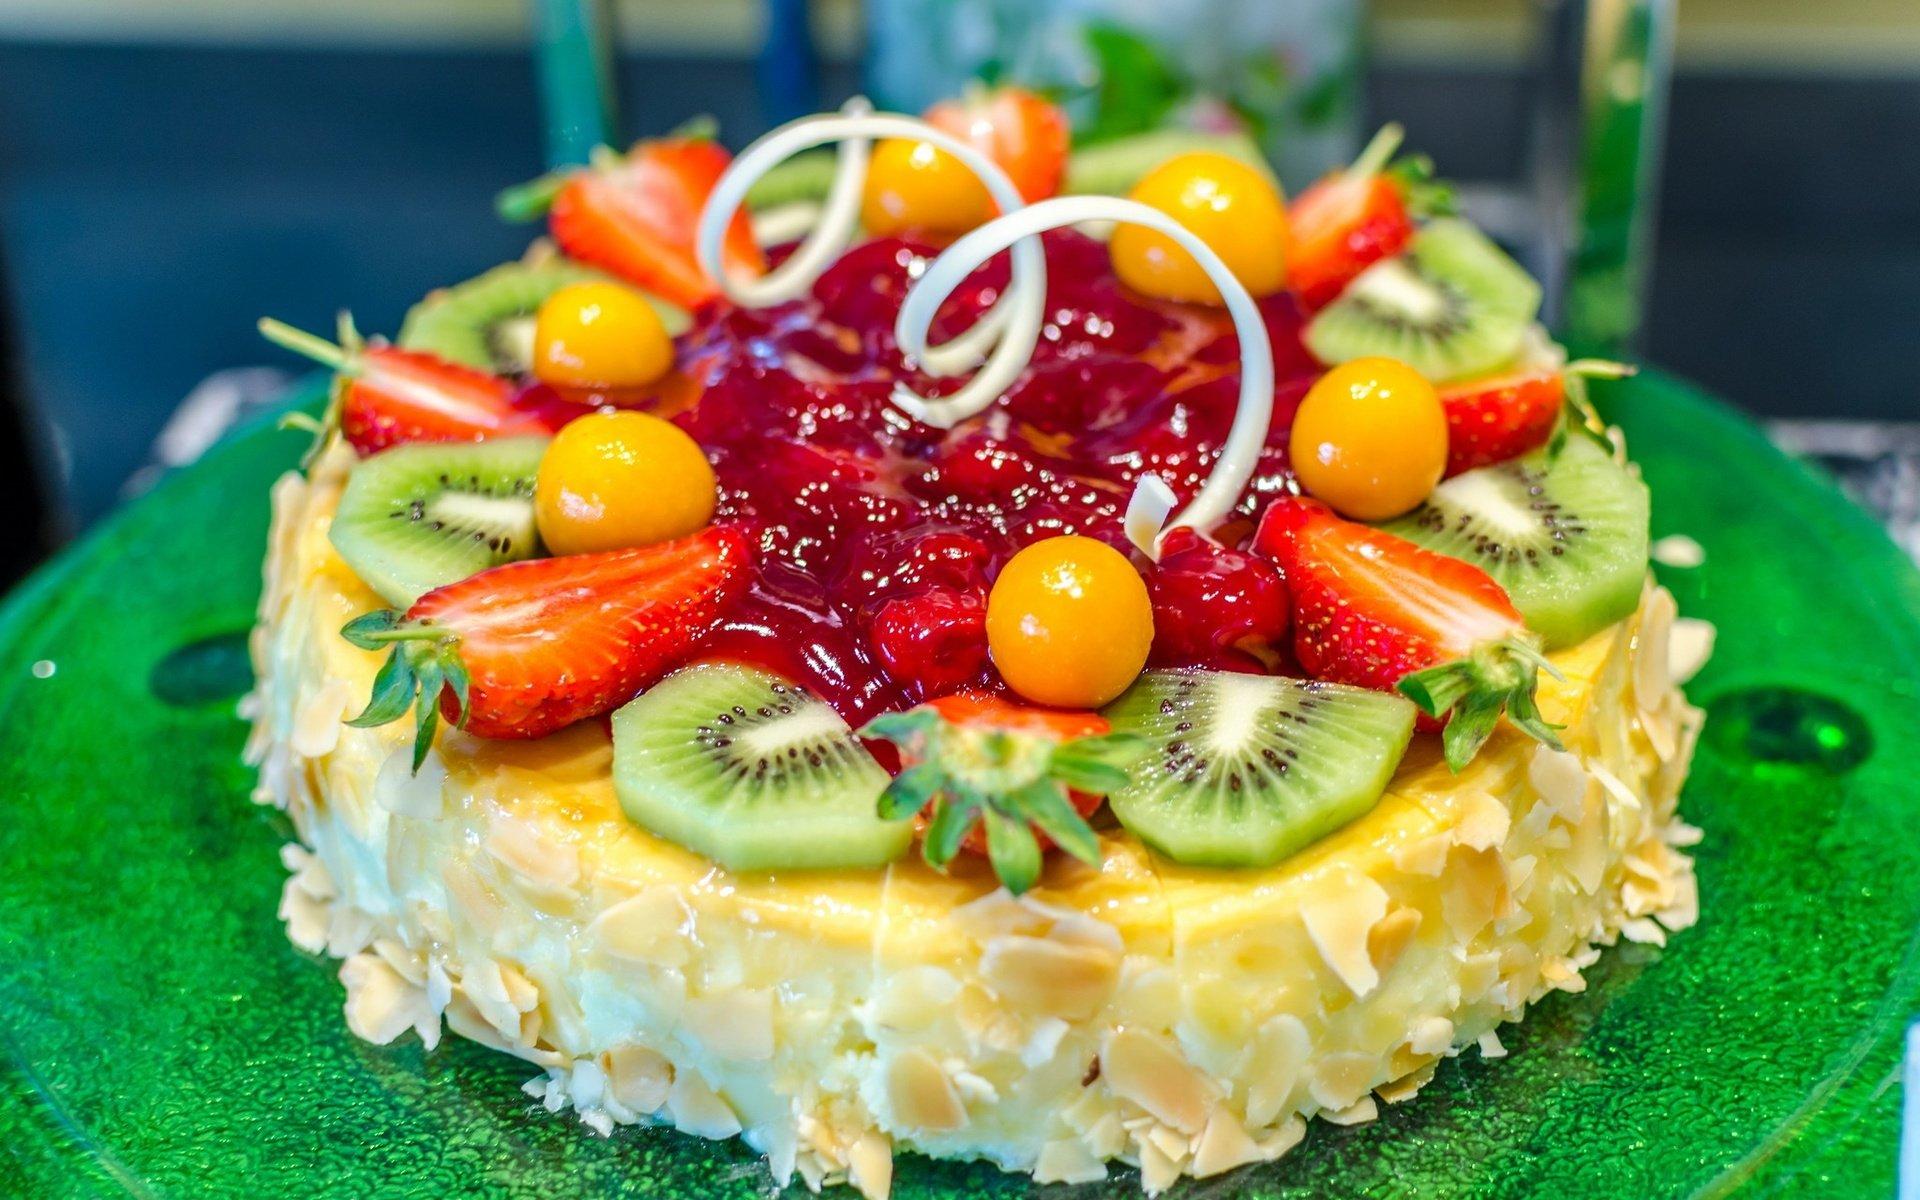 еда торт киви орехи food cake kiwi nuts без смс